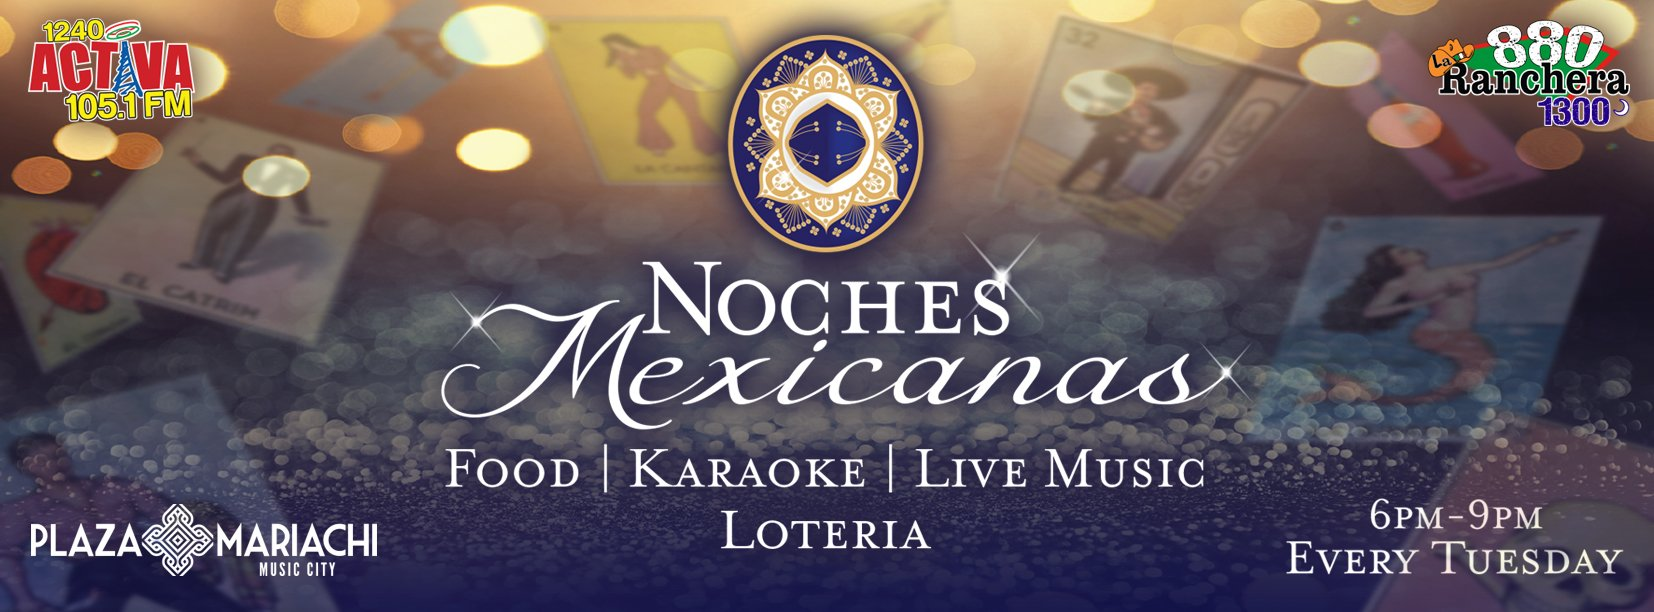 Noches Mexicanas